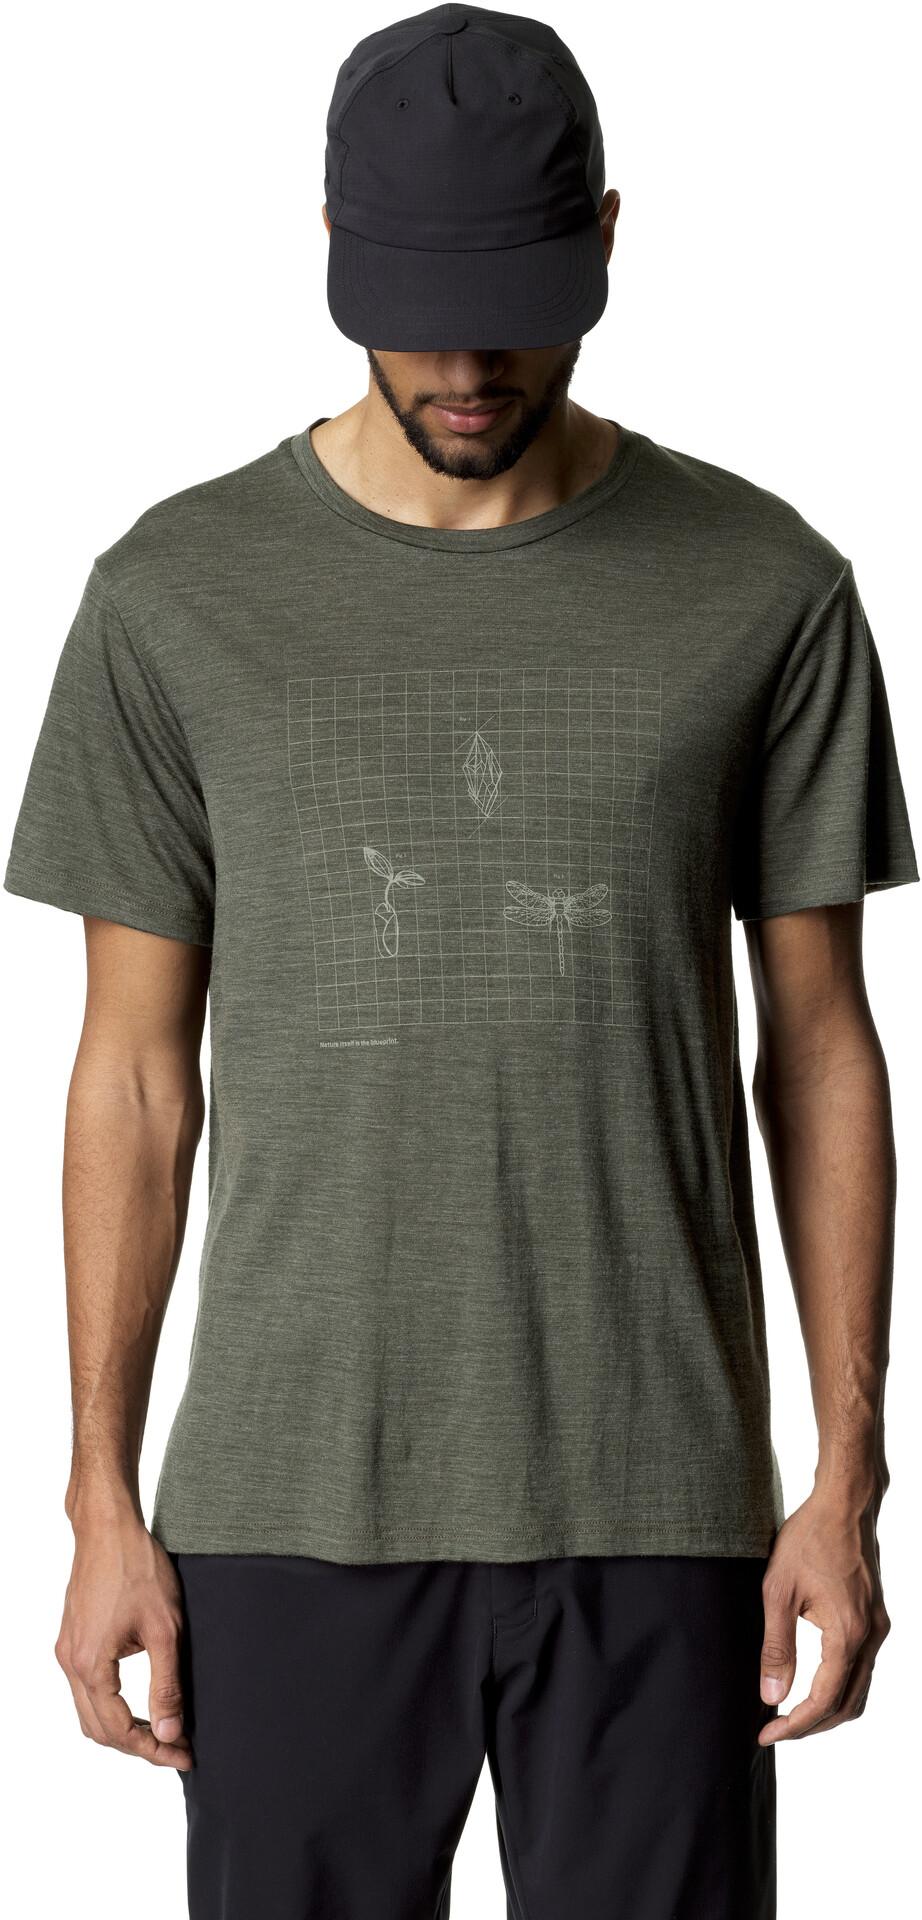 Houdini Activist T shirt Herrer, willow green